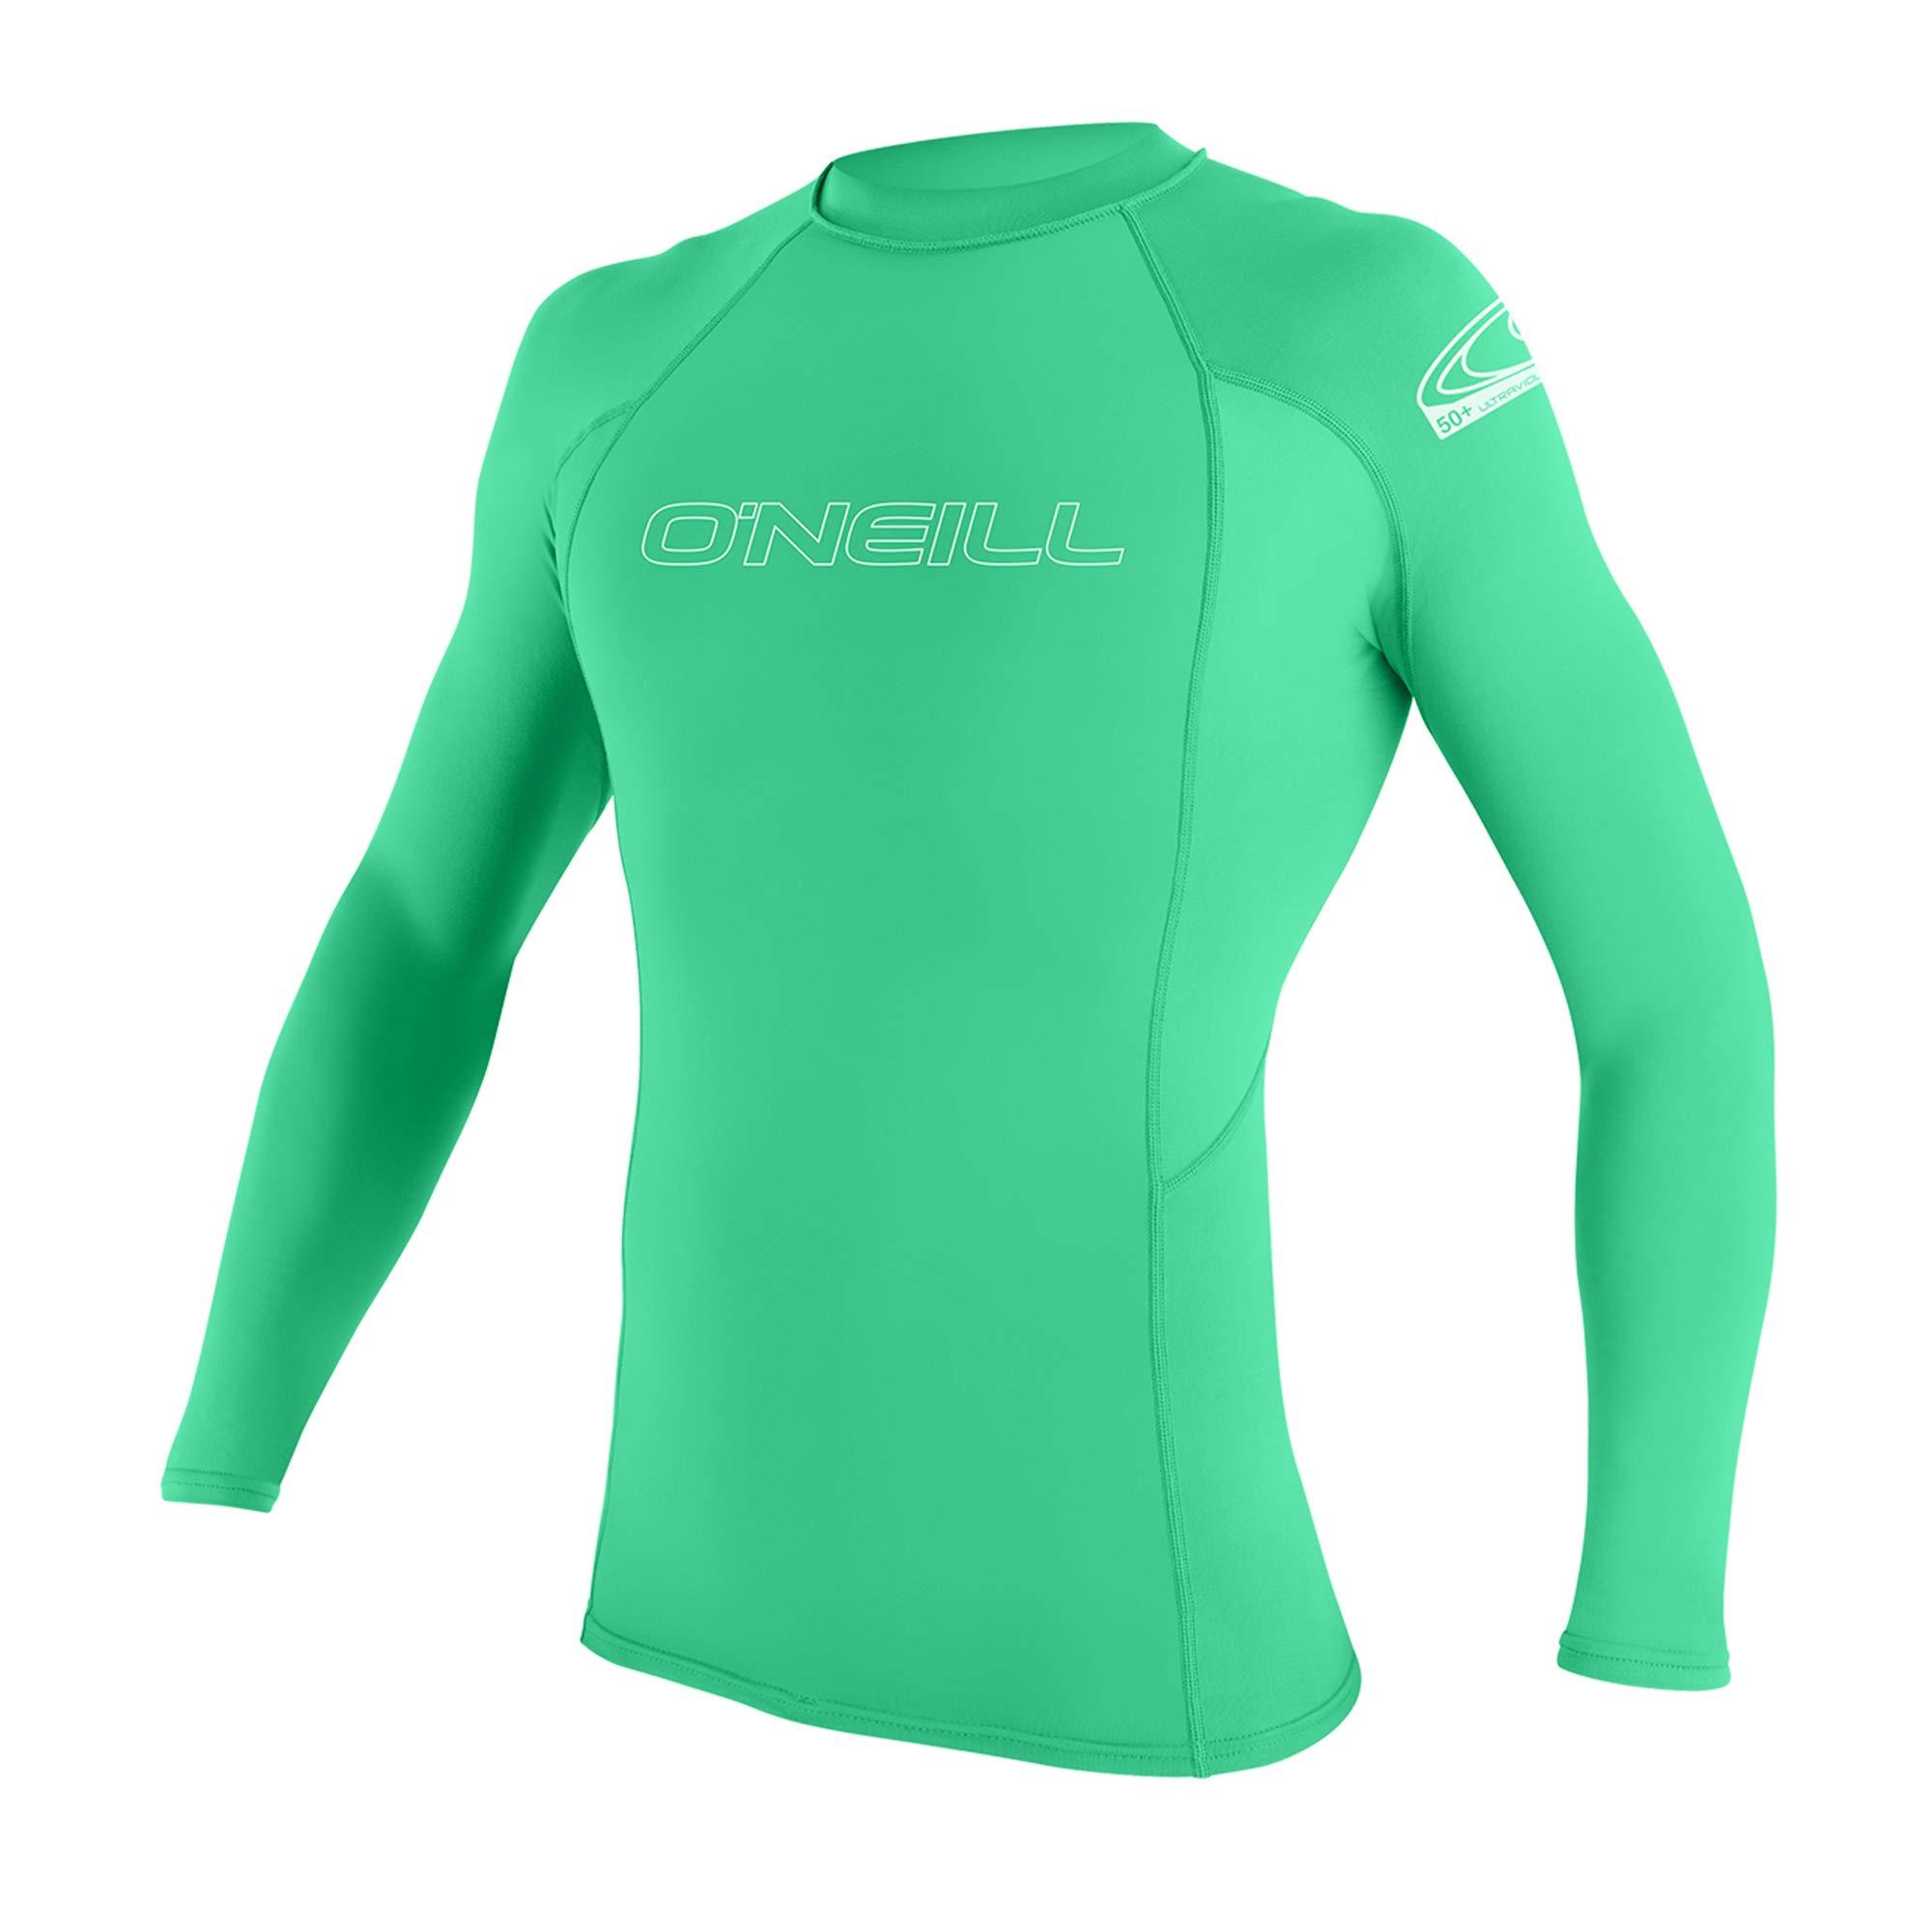 O'Neill Youth Basic Skins UPF 50+ Long Sleeve Rash Guard, Sea Glass, 4